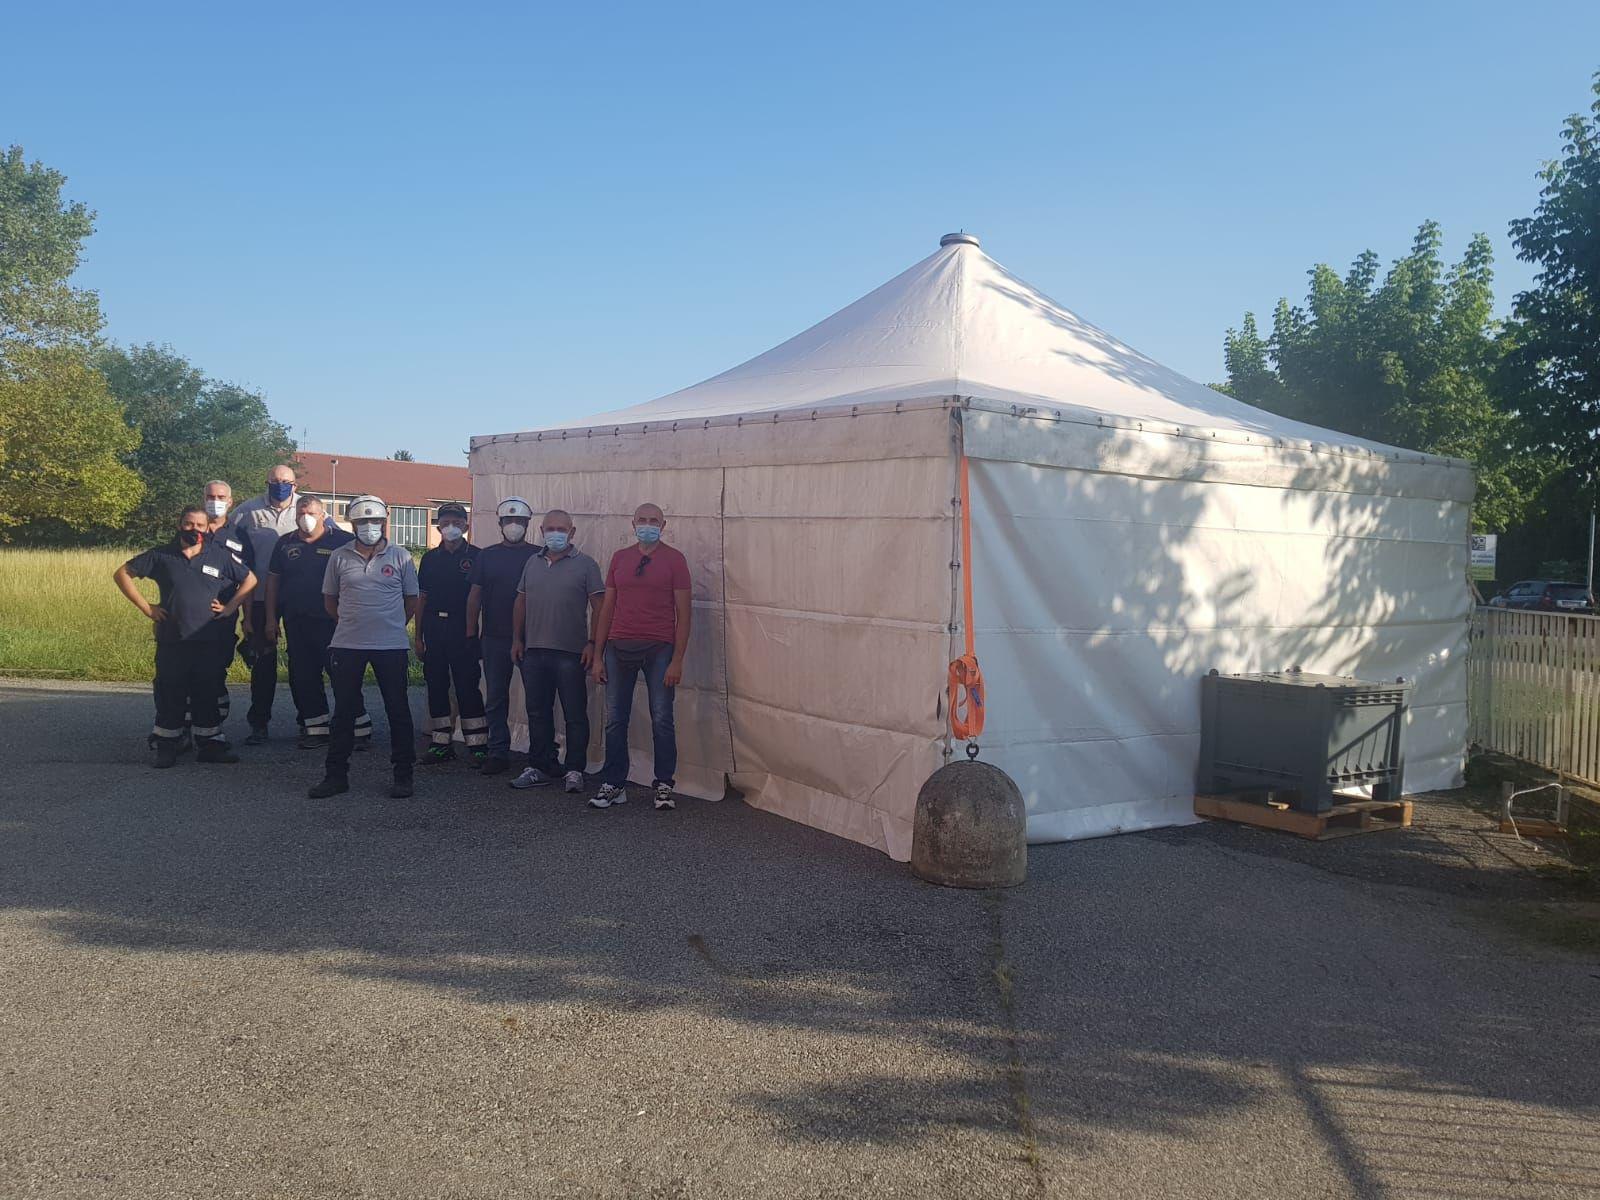 CANAVESE - Tamponi per gli studenti: operative le tende dell'Asl To4 a Castellamonte, Lanzo e Settimo